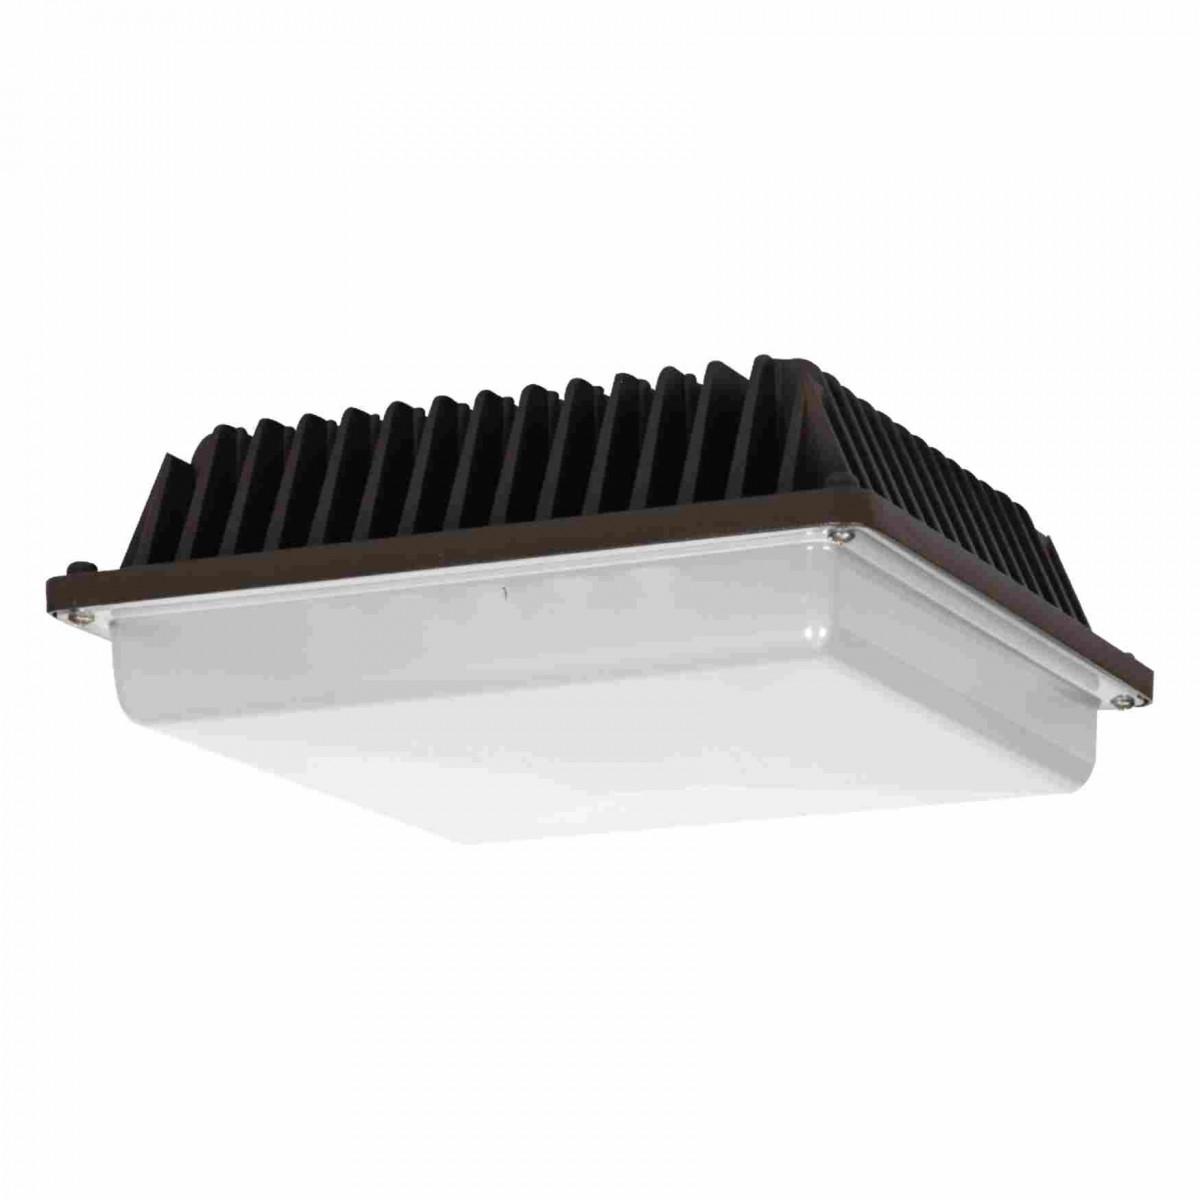 Lcm4 led canopy lights led lighting lcm4 arubaitofo Images